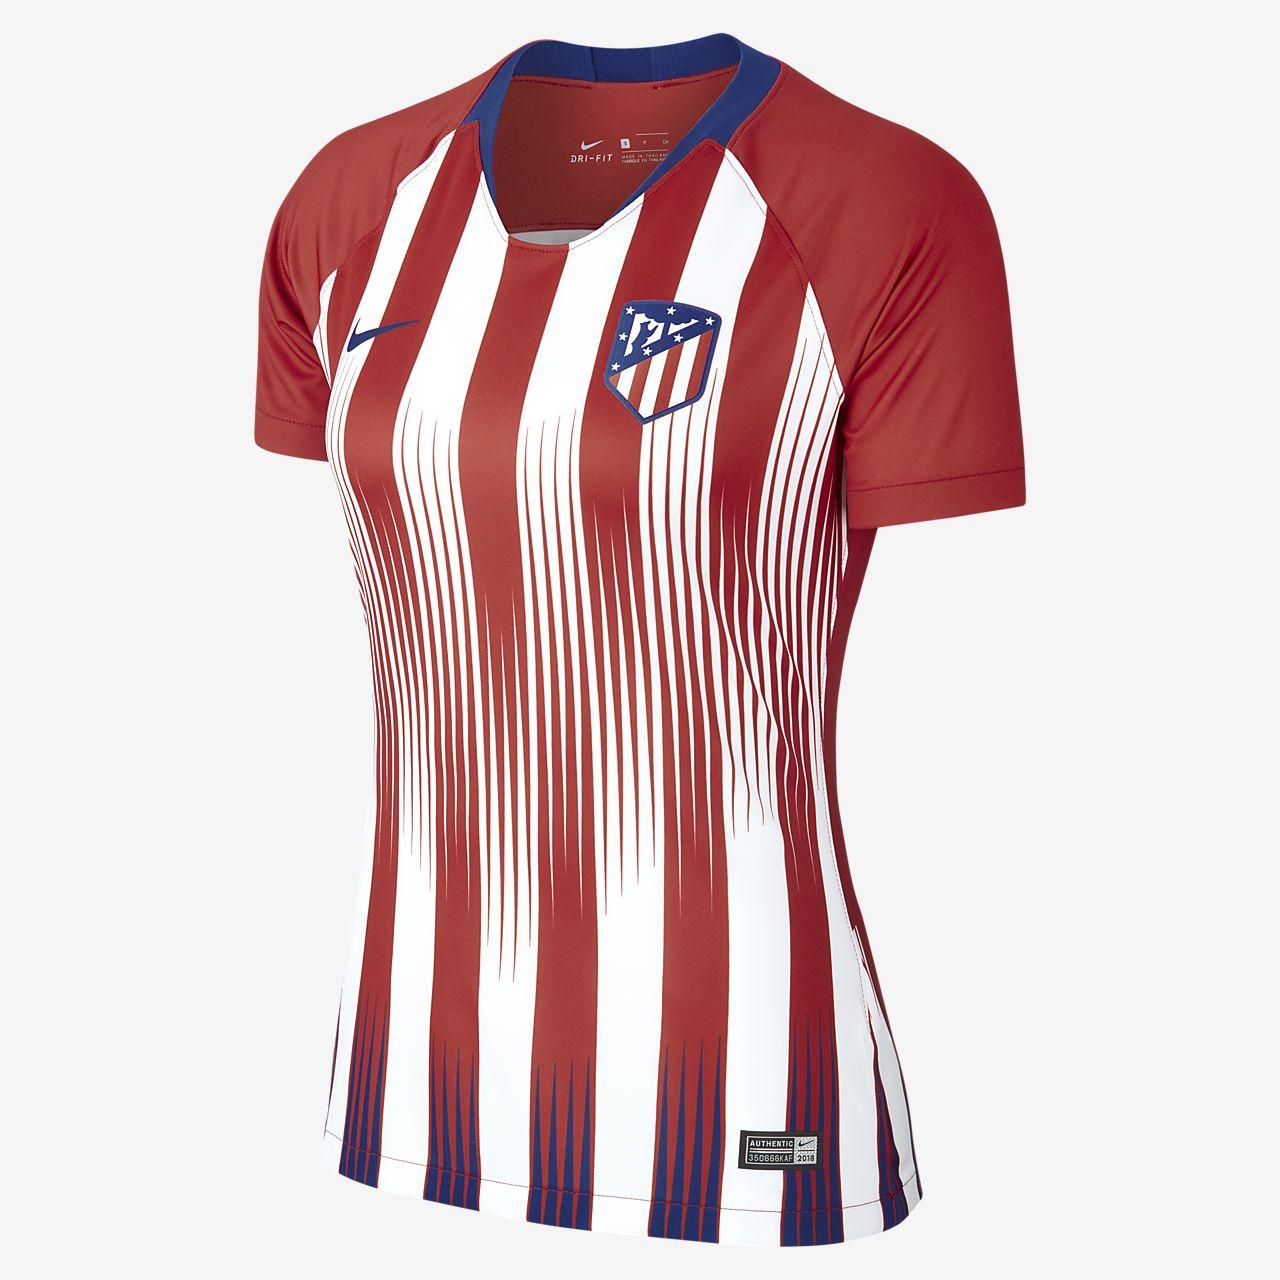 sudadera Atlético de Madrid futbol